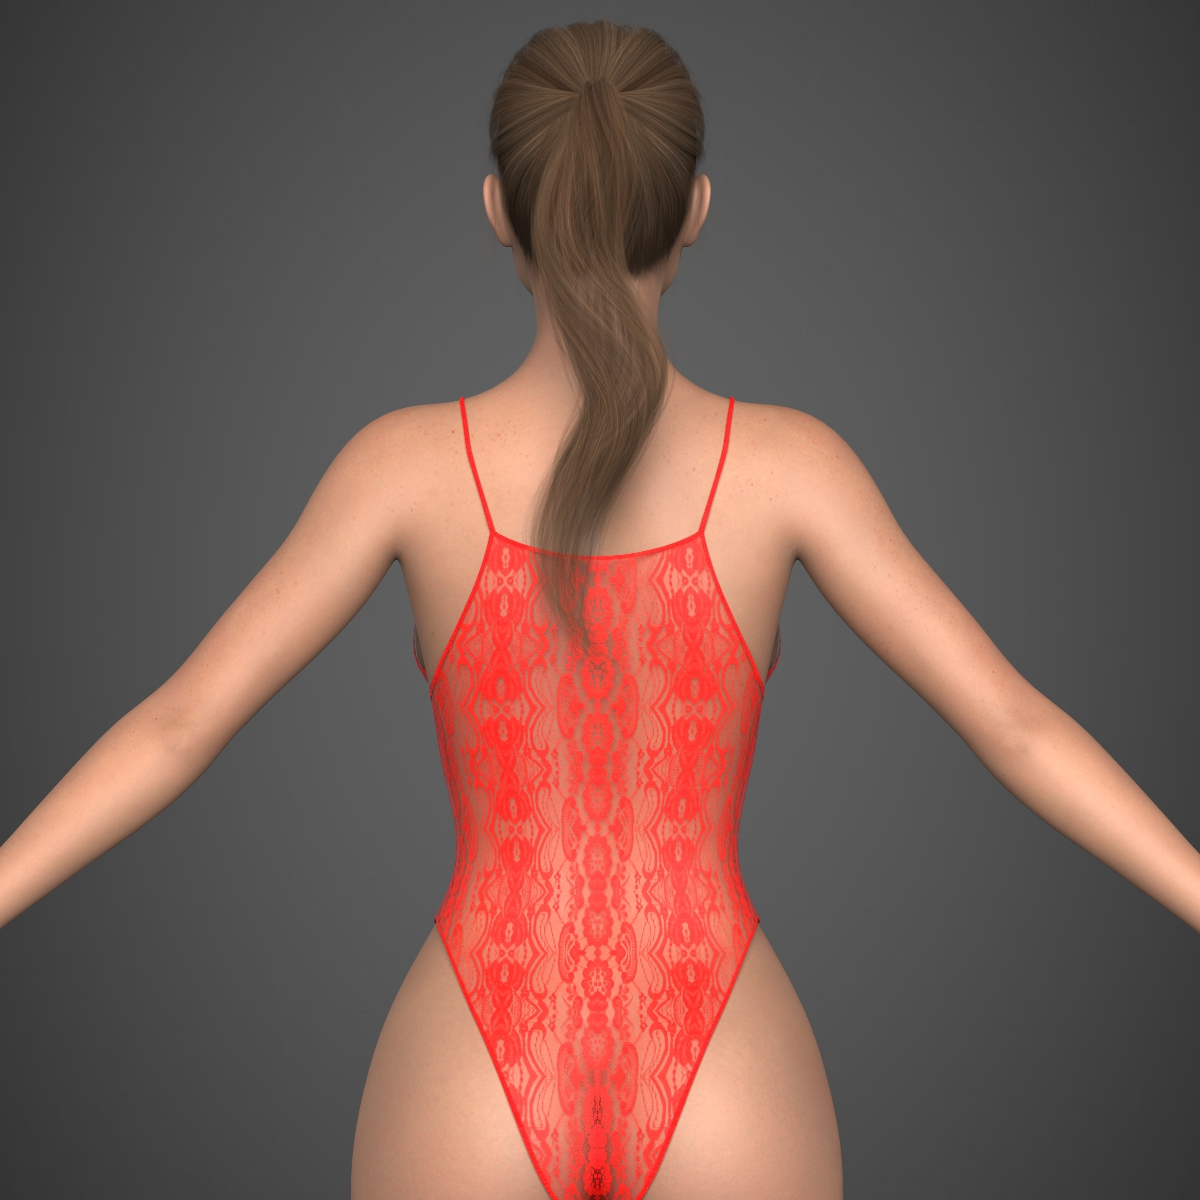 realistic young girl 3d model max fbx c4d ma mb texture obj 220929